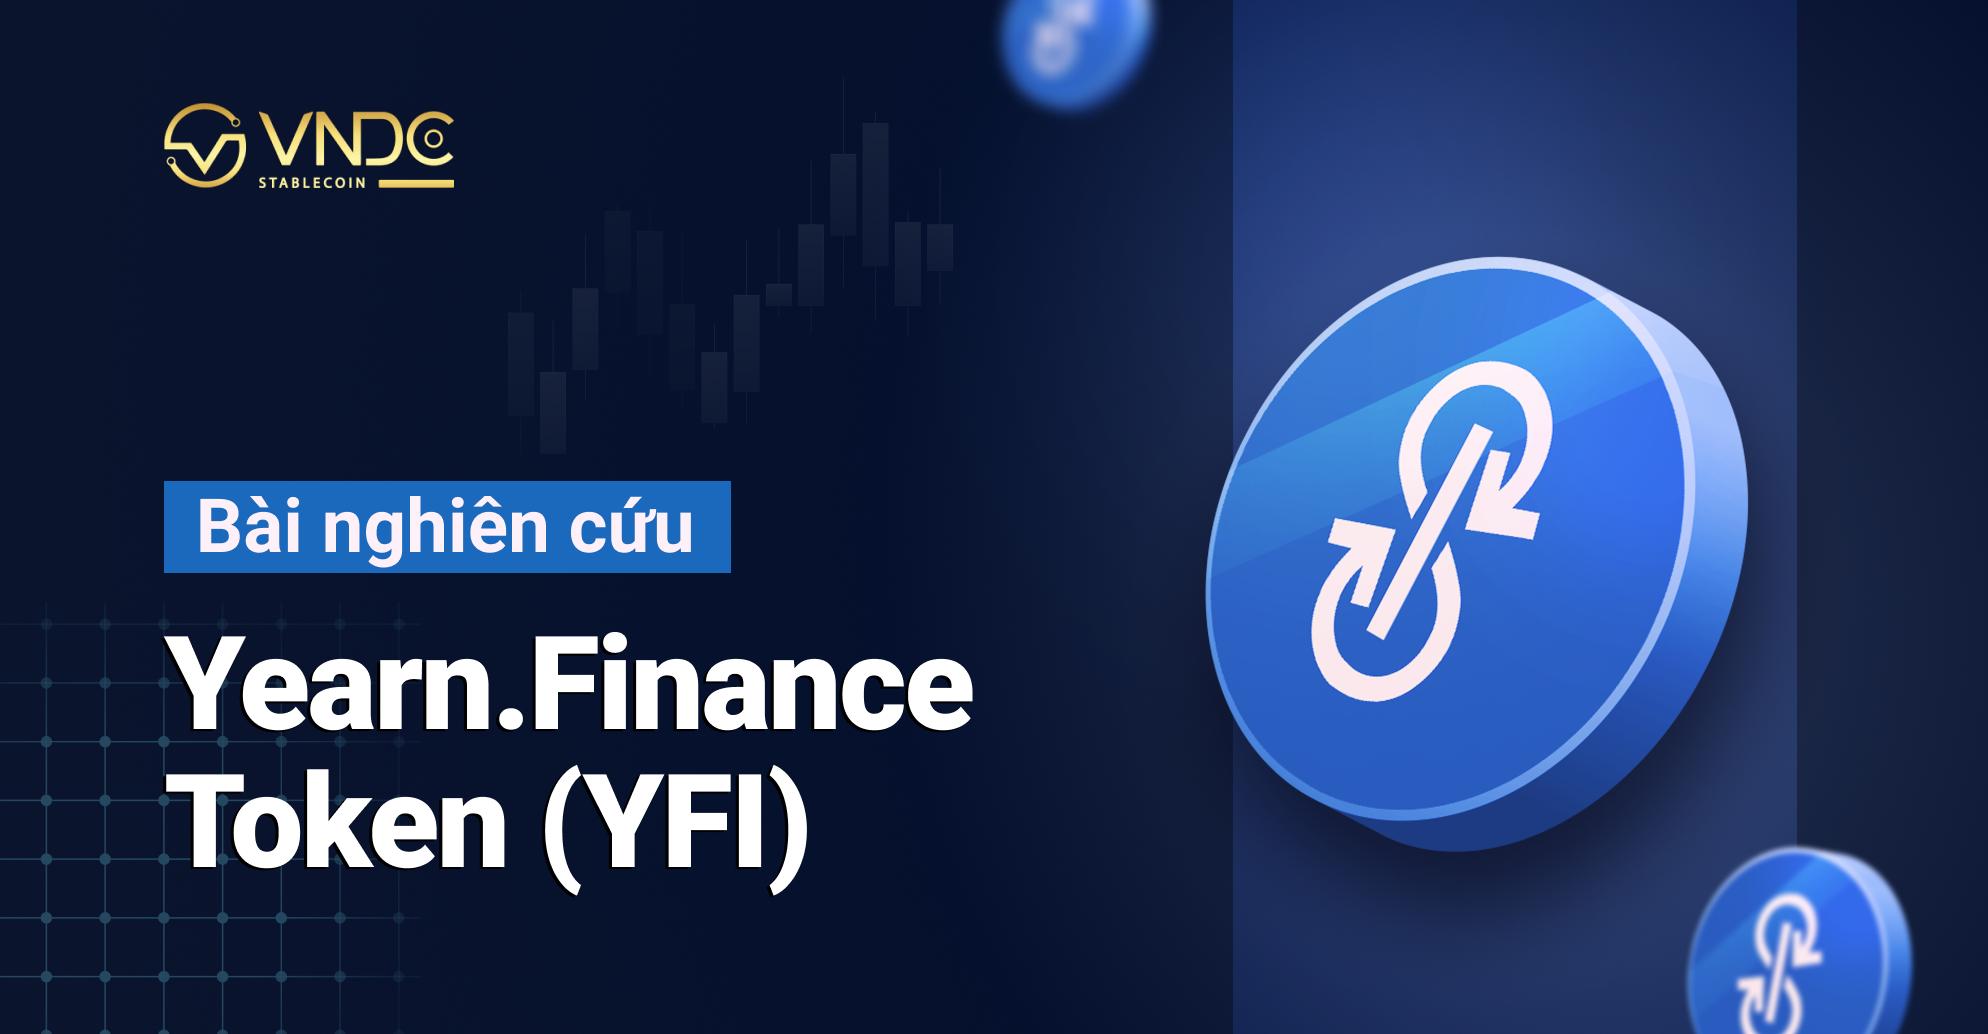 Bài nghiên cứu về Yearn.Finance Token (YFI)